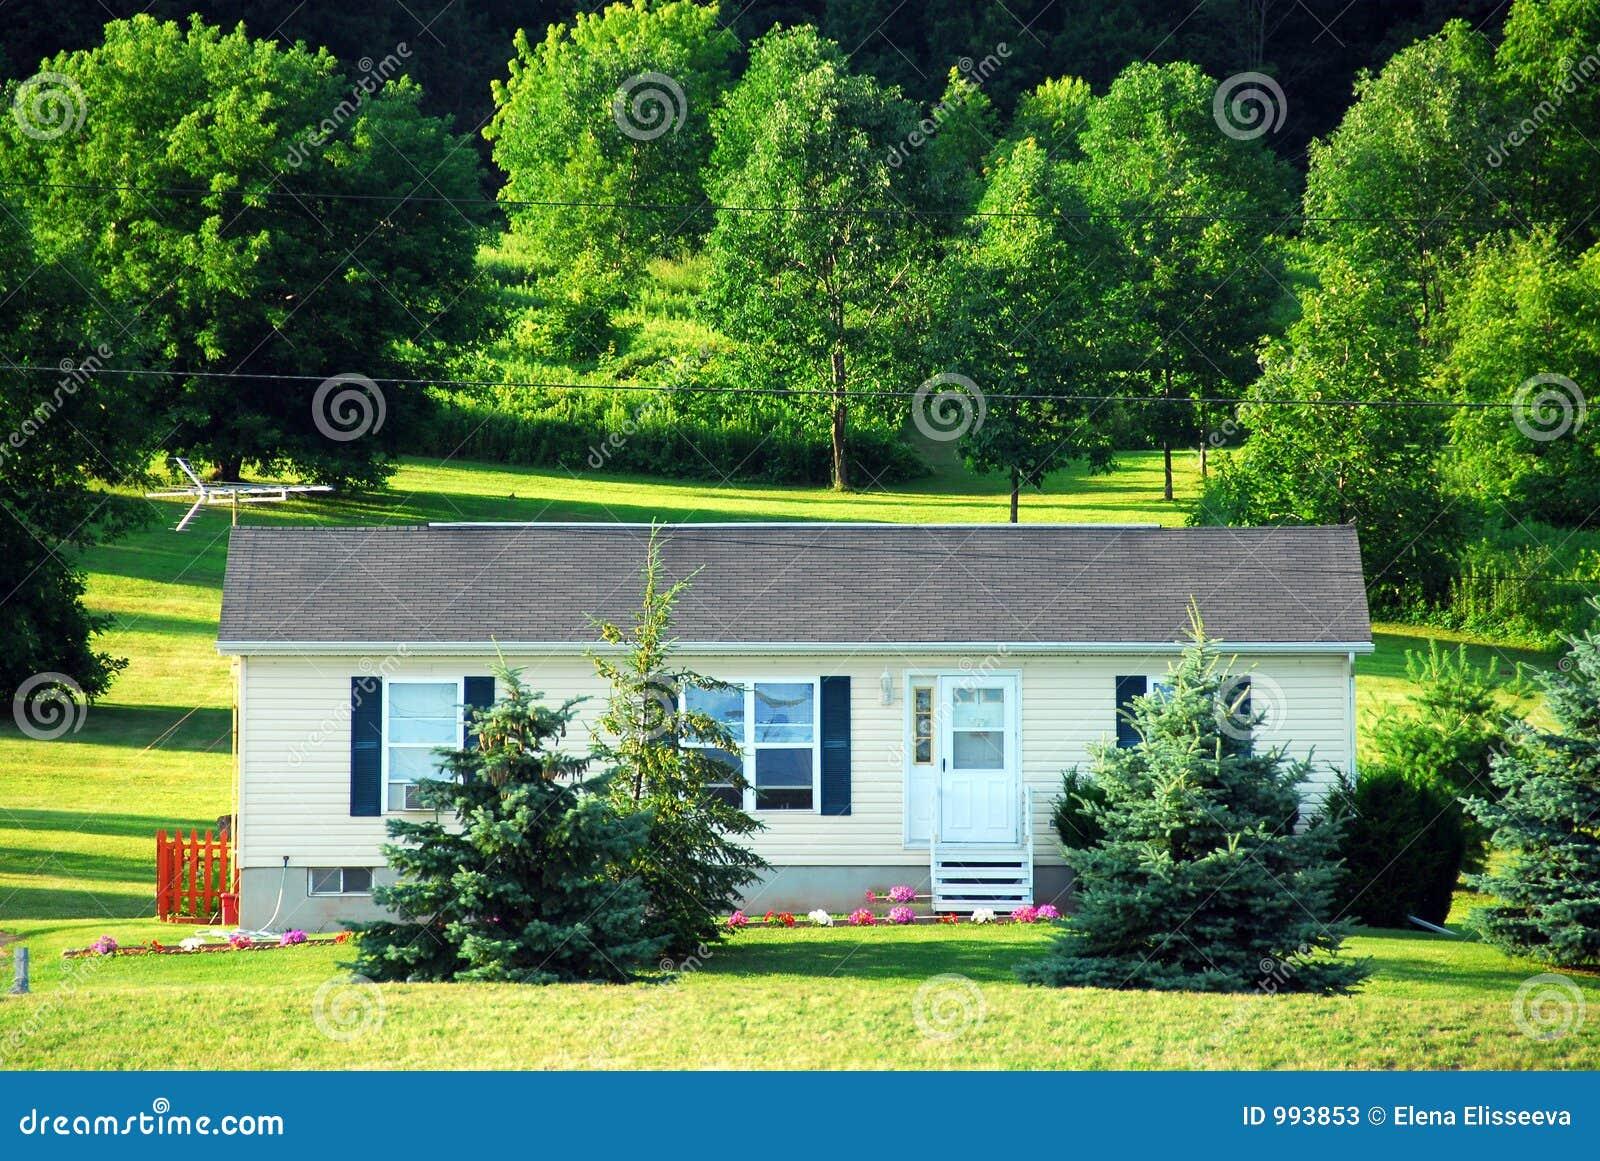 petite maison de campagne image stock image du am rique. Black Bedroom Furniture Sets. Home Design Ideas